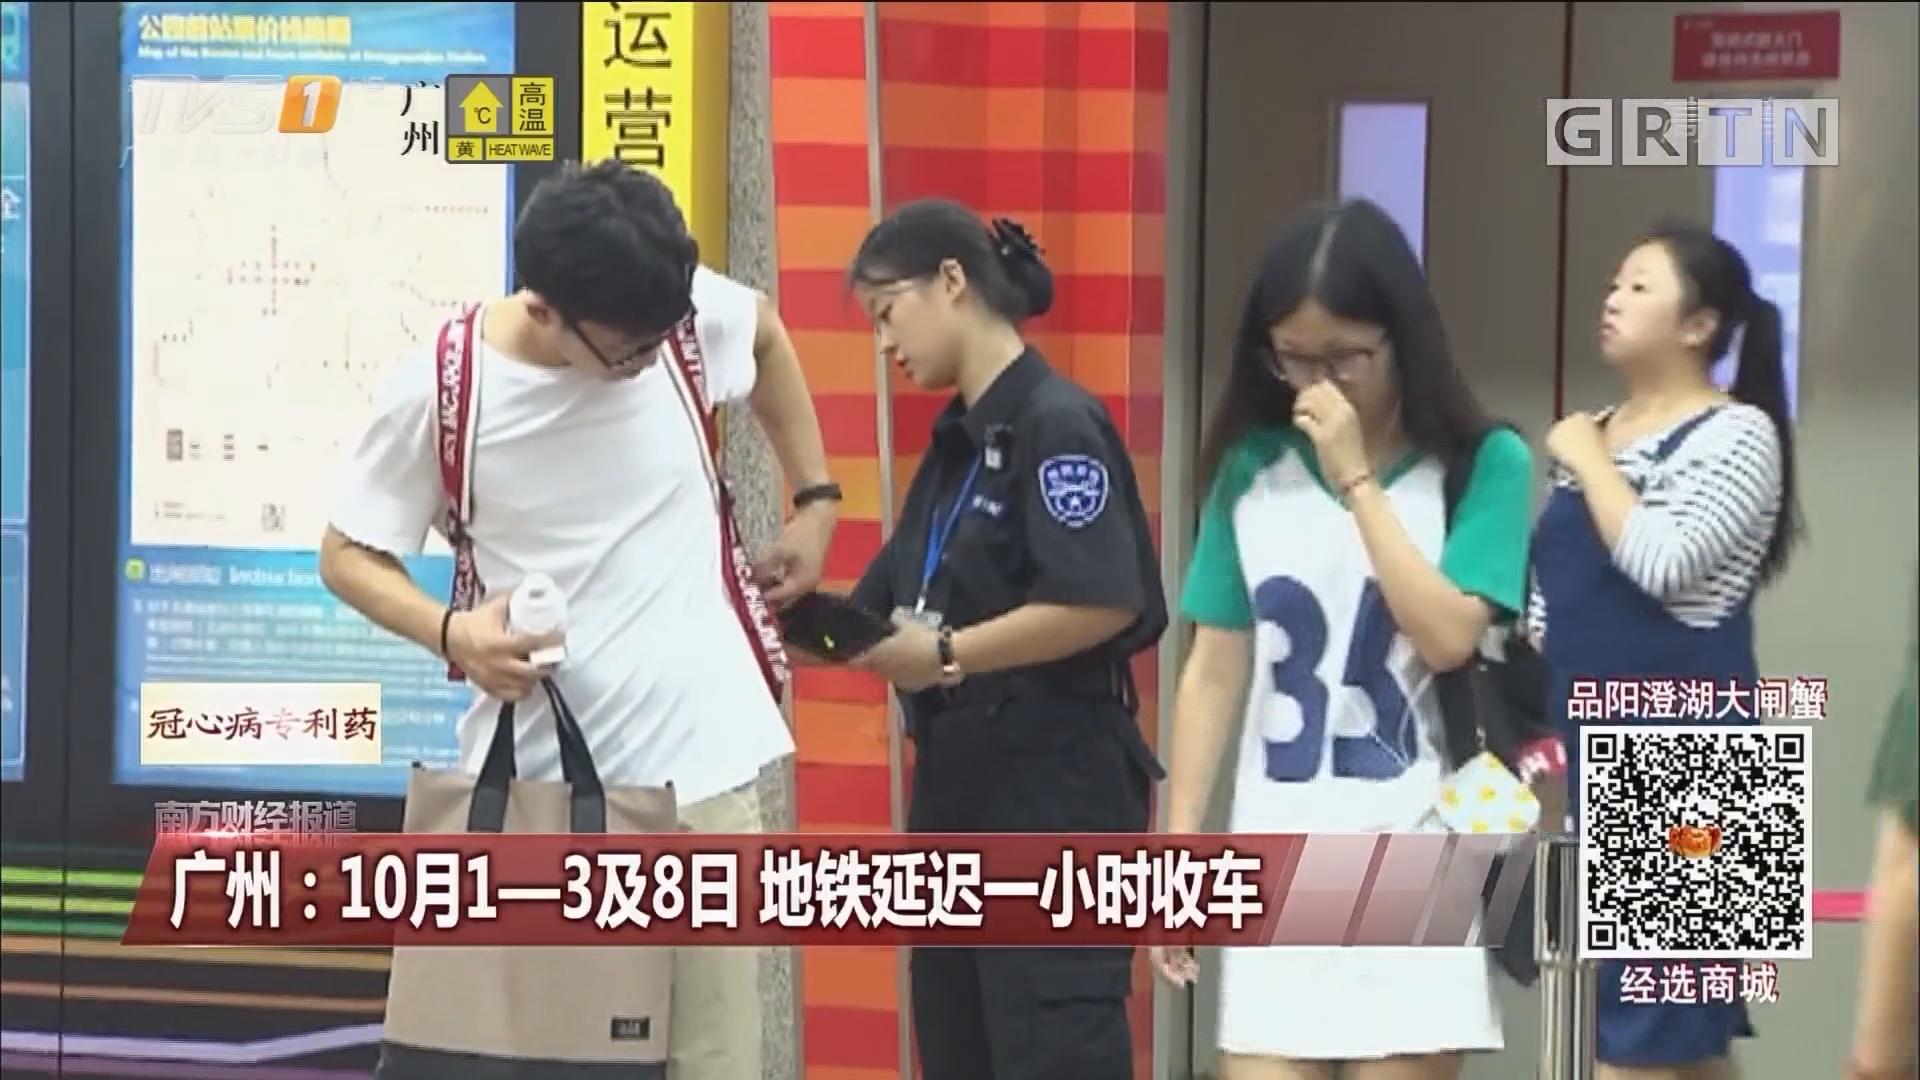 广州:10月1—3及8日 地铁延迟一小时收车